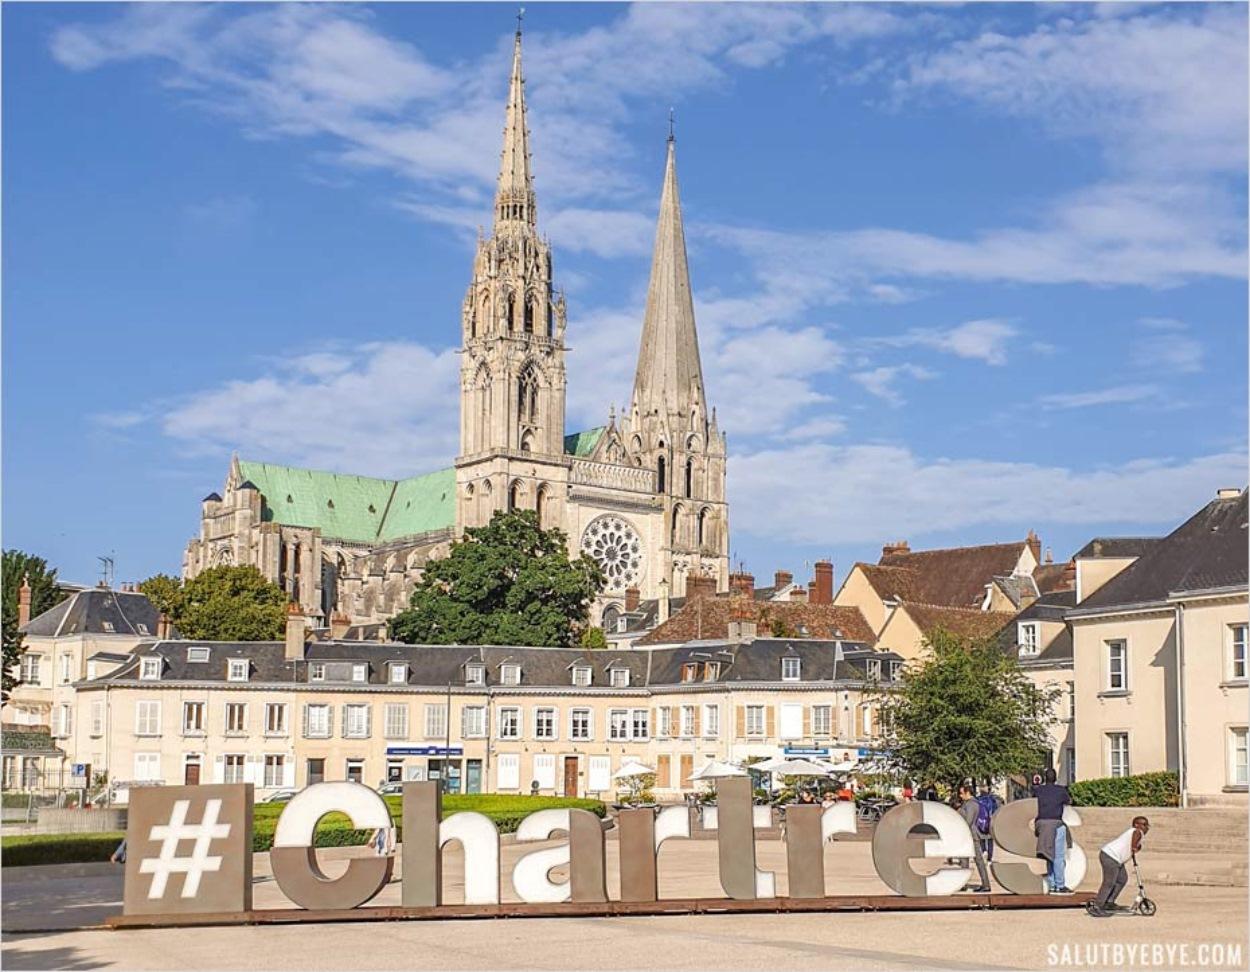 La cathédrale de Chartres vue depuis la place du Châtelet